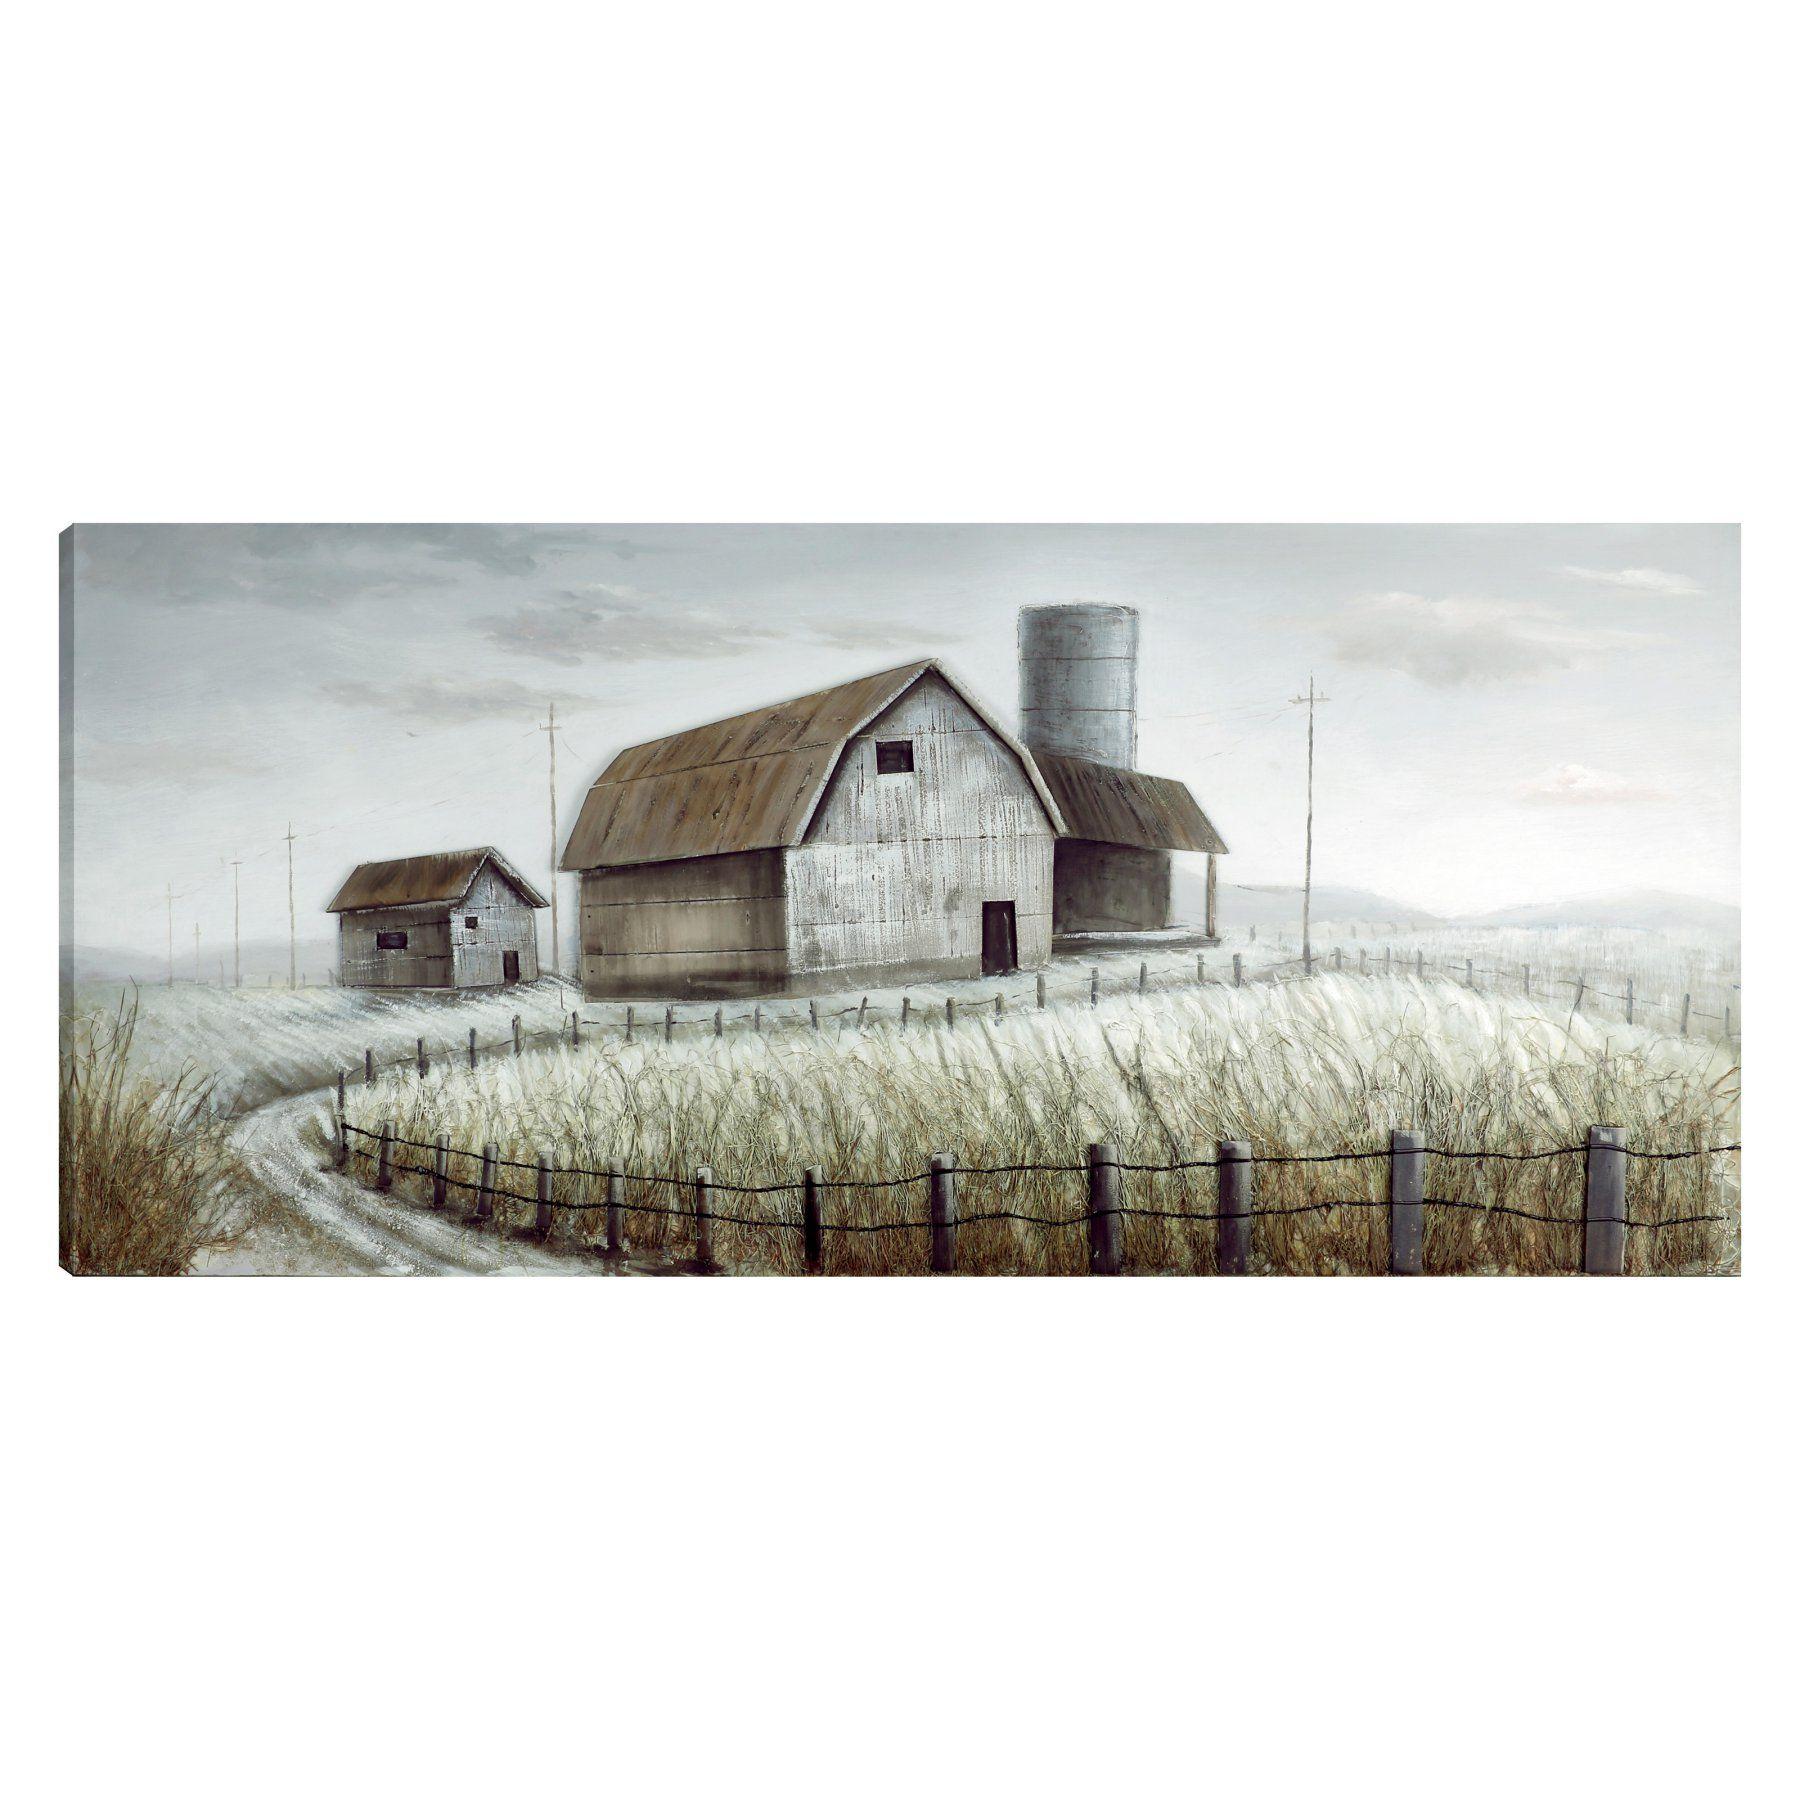 hobbitholeco Farmhouse I Acrylic Wall Art Painting